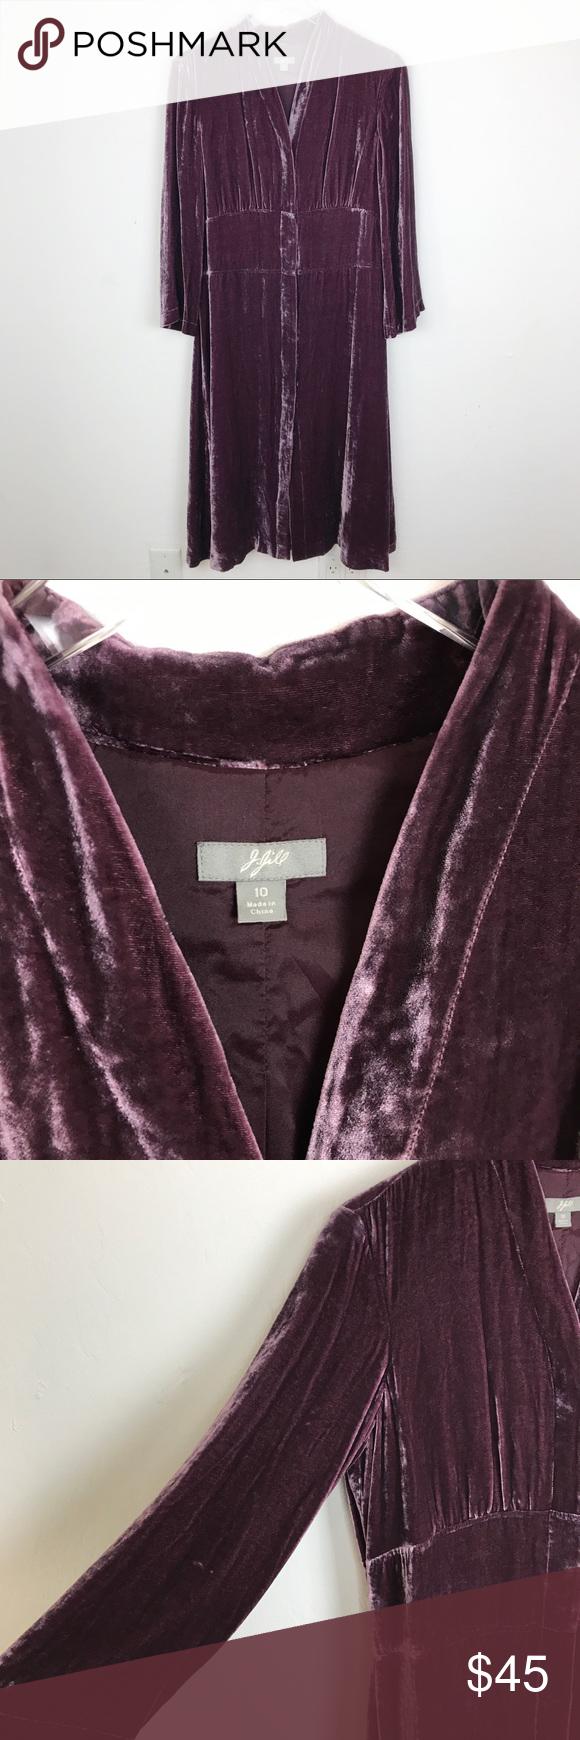 J jill crushed velvet midi shirt dress size swankysweetp